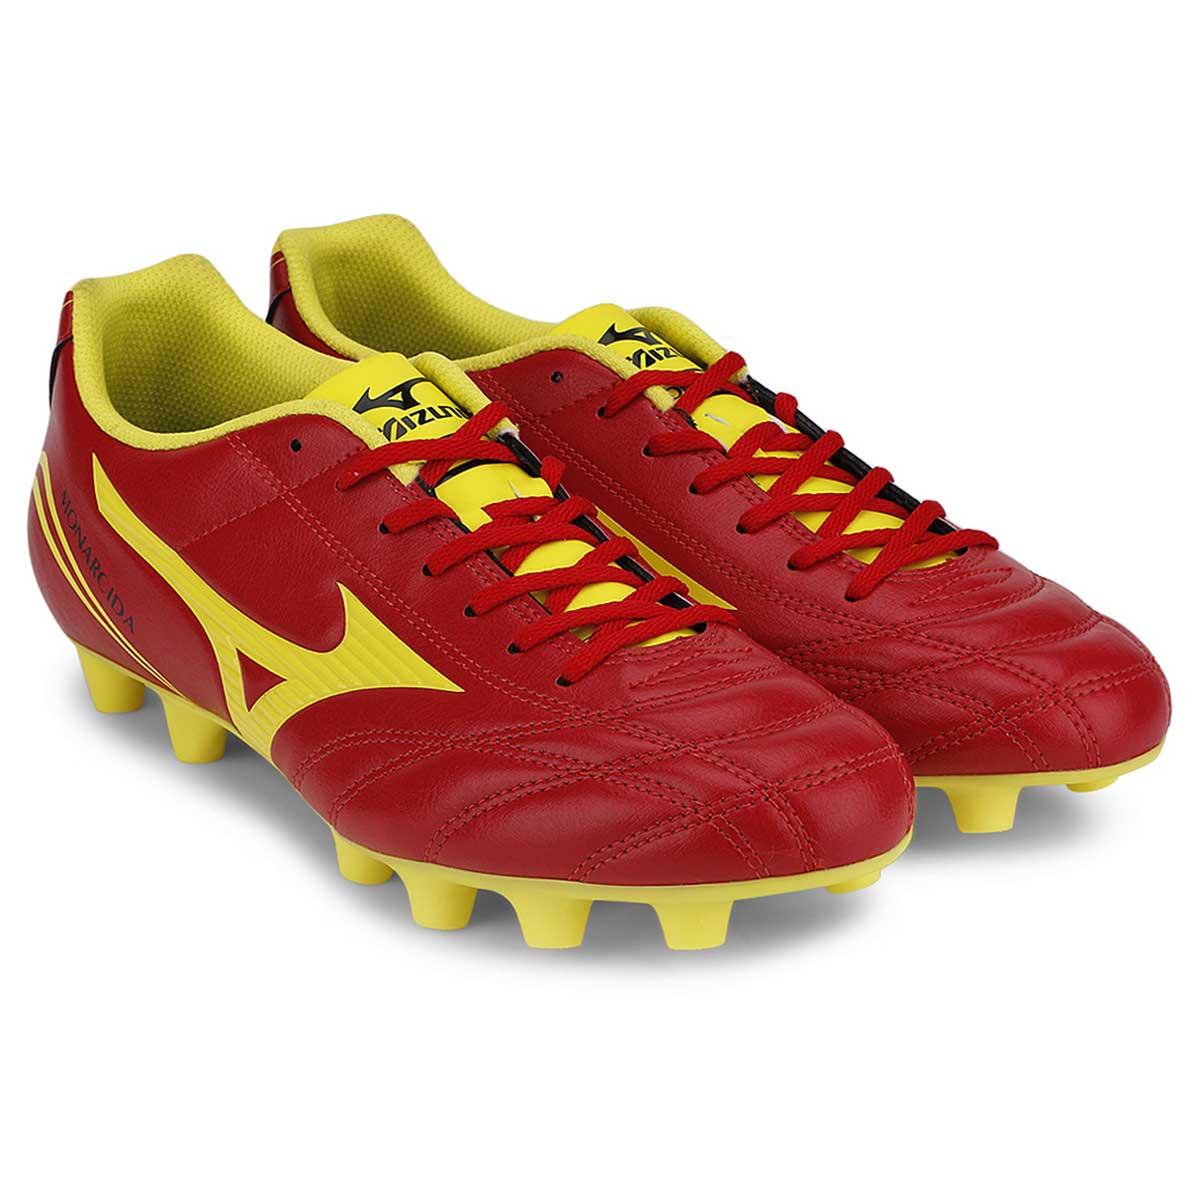 Buy Mizuno Monarcida MD Football Shoes